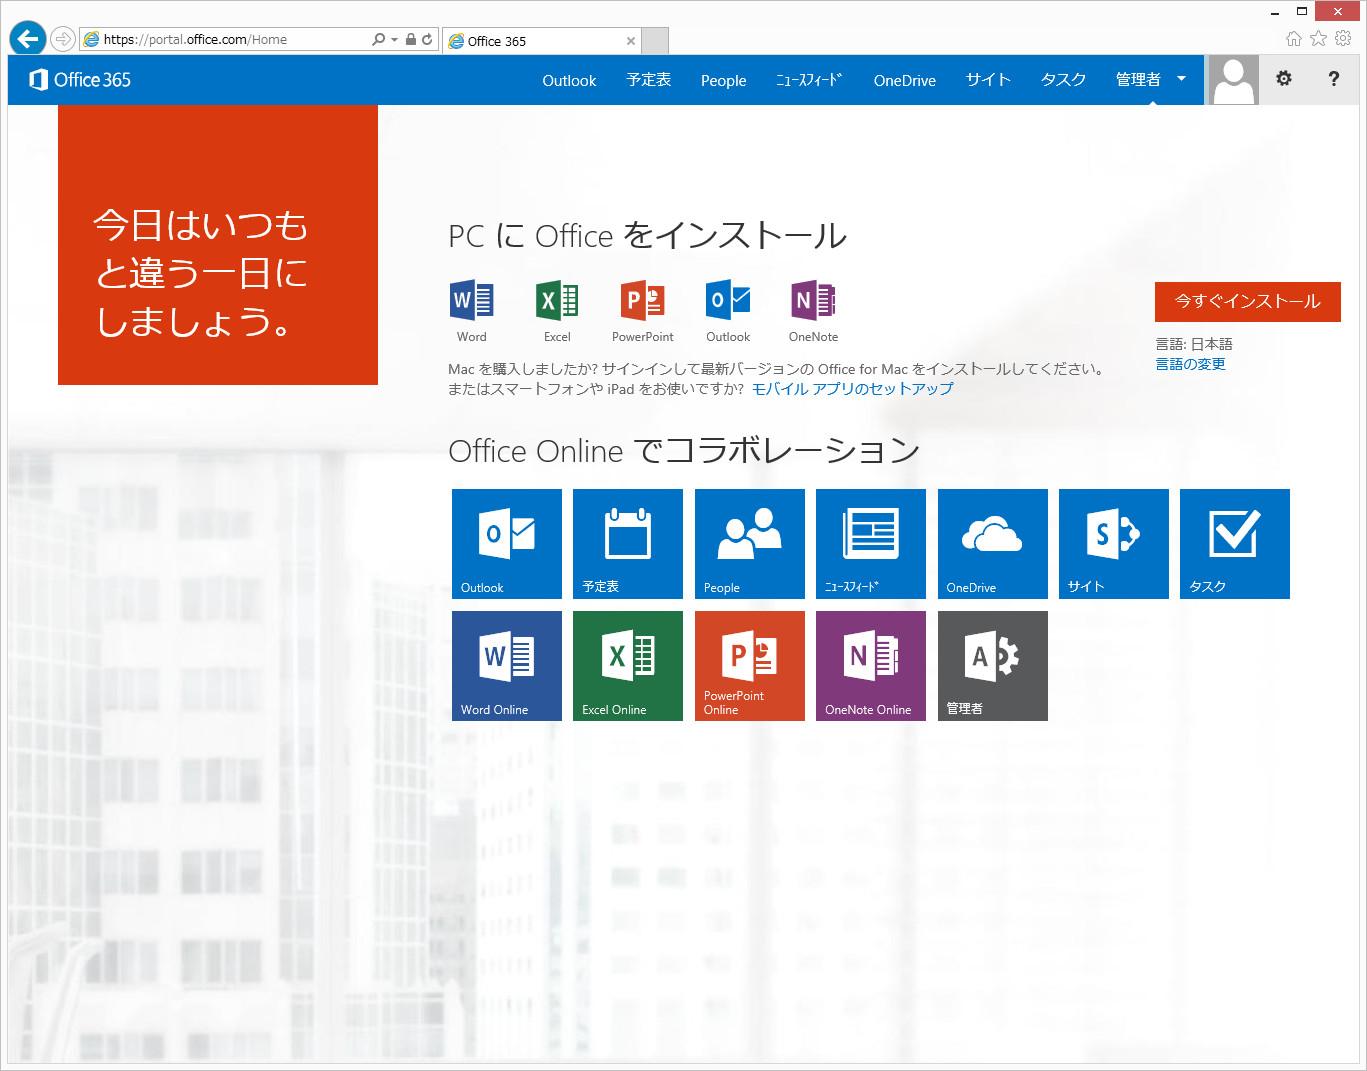 Office 365 Midsize Business(現在はBusiness Premiumになっている旧プラン)のOfficeアプリケーションインストール画面